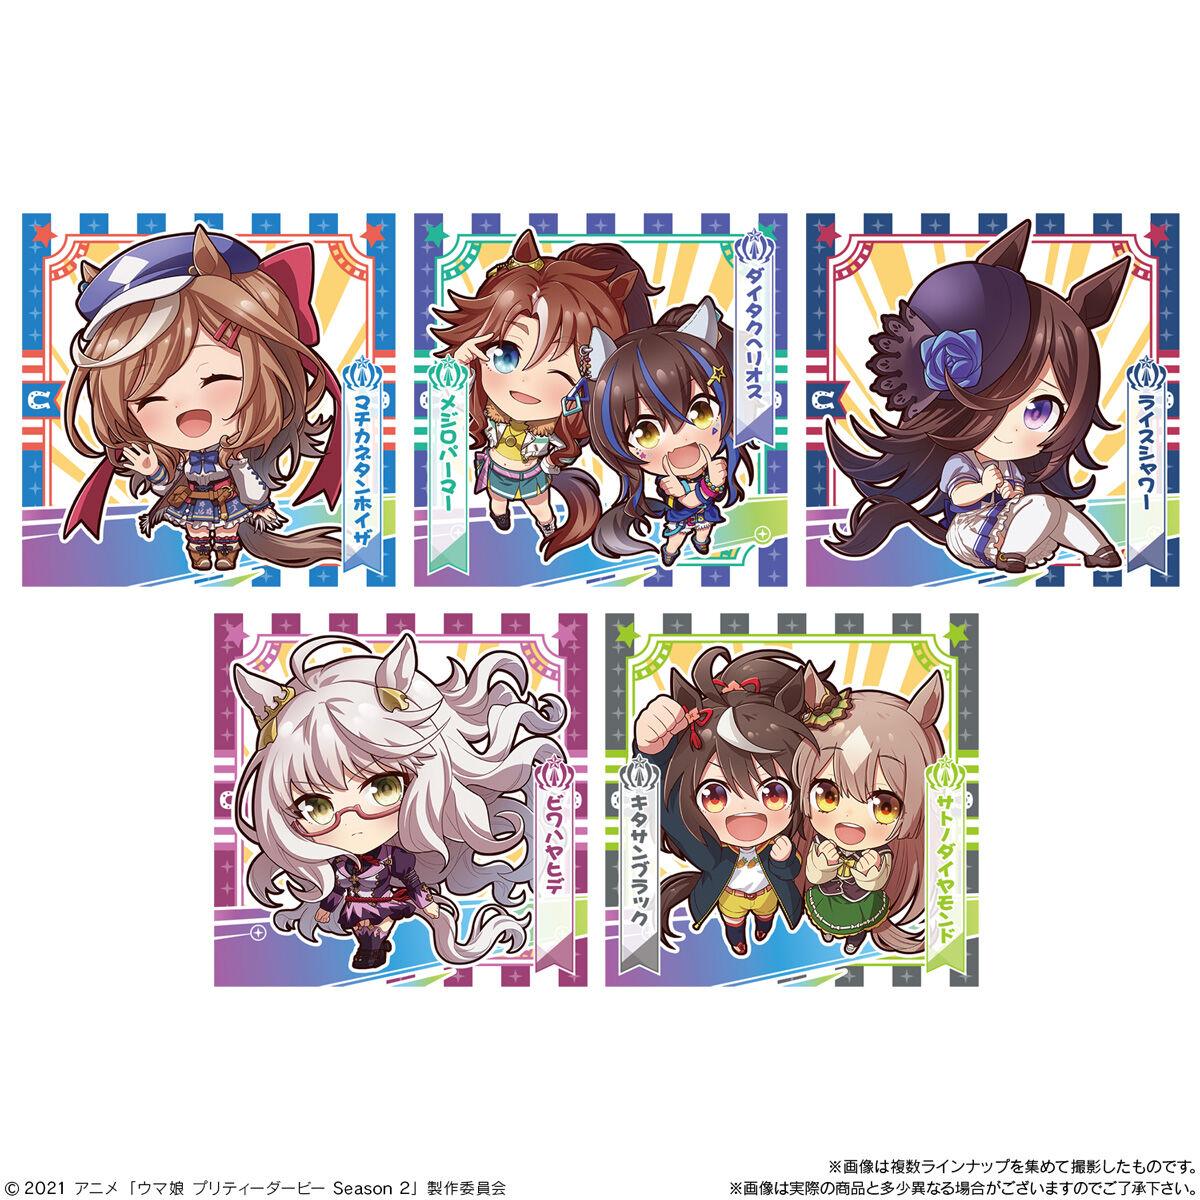 【食玩】ウマ娘 プリティーダービー Season 2『プリティーダービーグミ』12個入りBOX-004